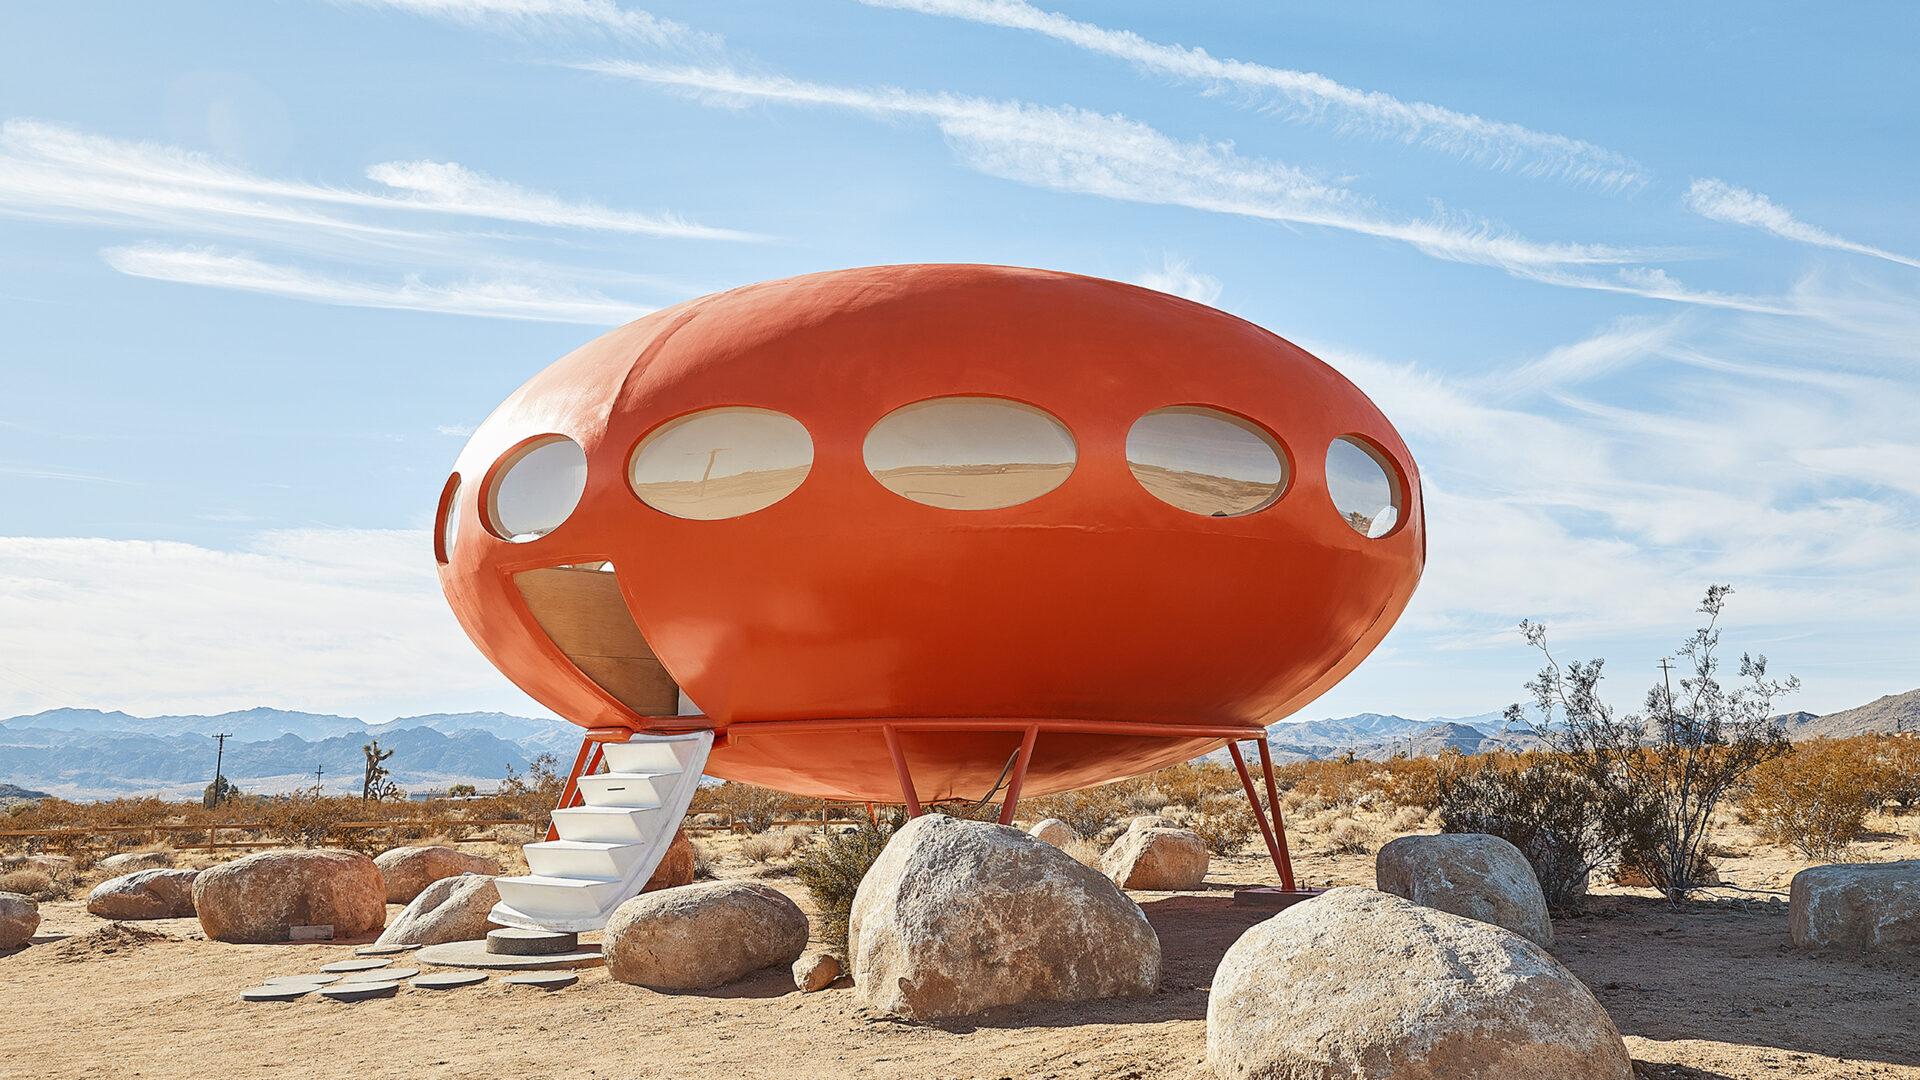 Futuro House. Spełnienie dziecięcych marzeń, plastikowy kicz czy wizja przyszłości?